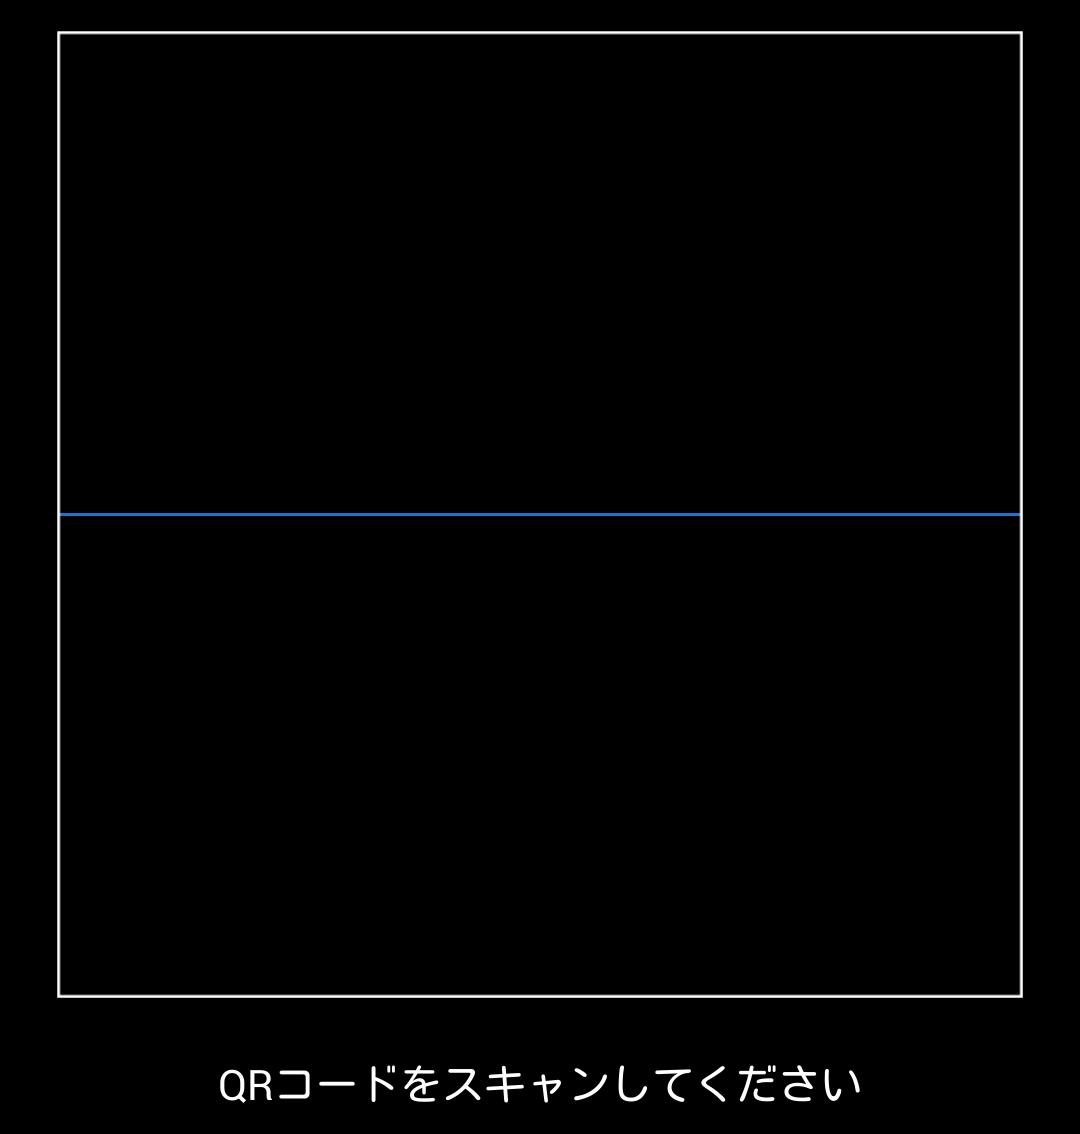 201704140306.jpg